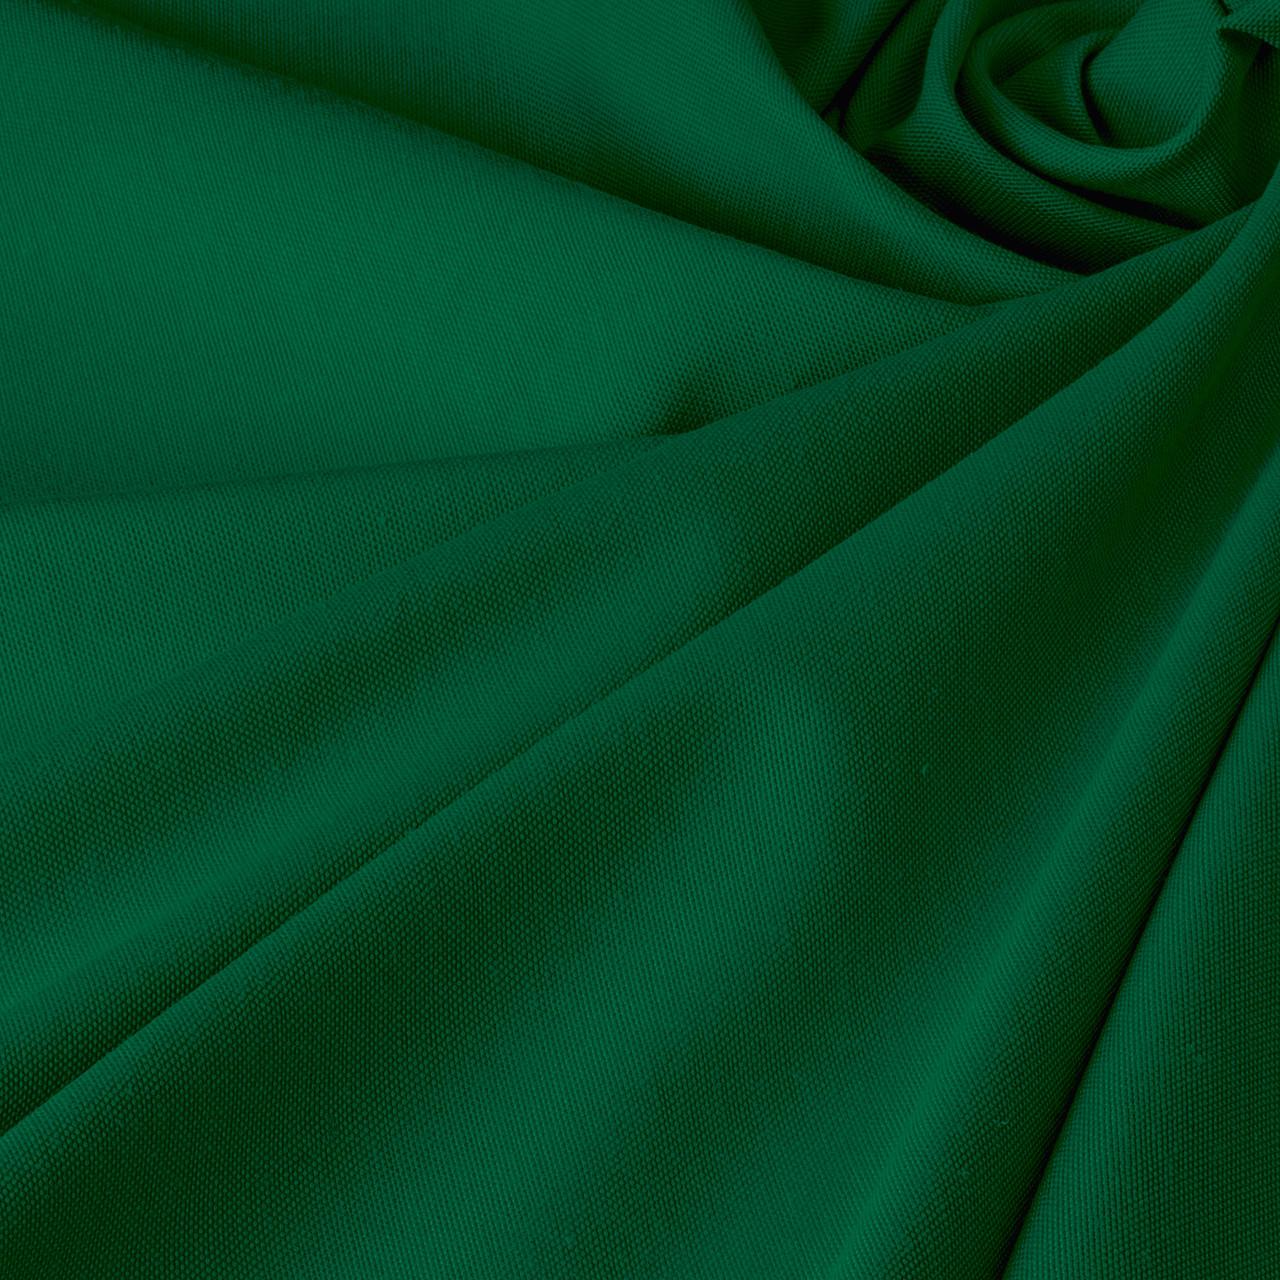 Однотонна декоративна тканина зеленого кольору з тефлоновим просоченням DRY-84601